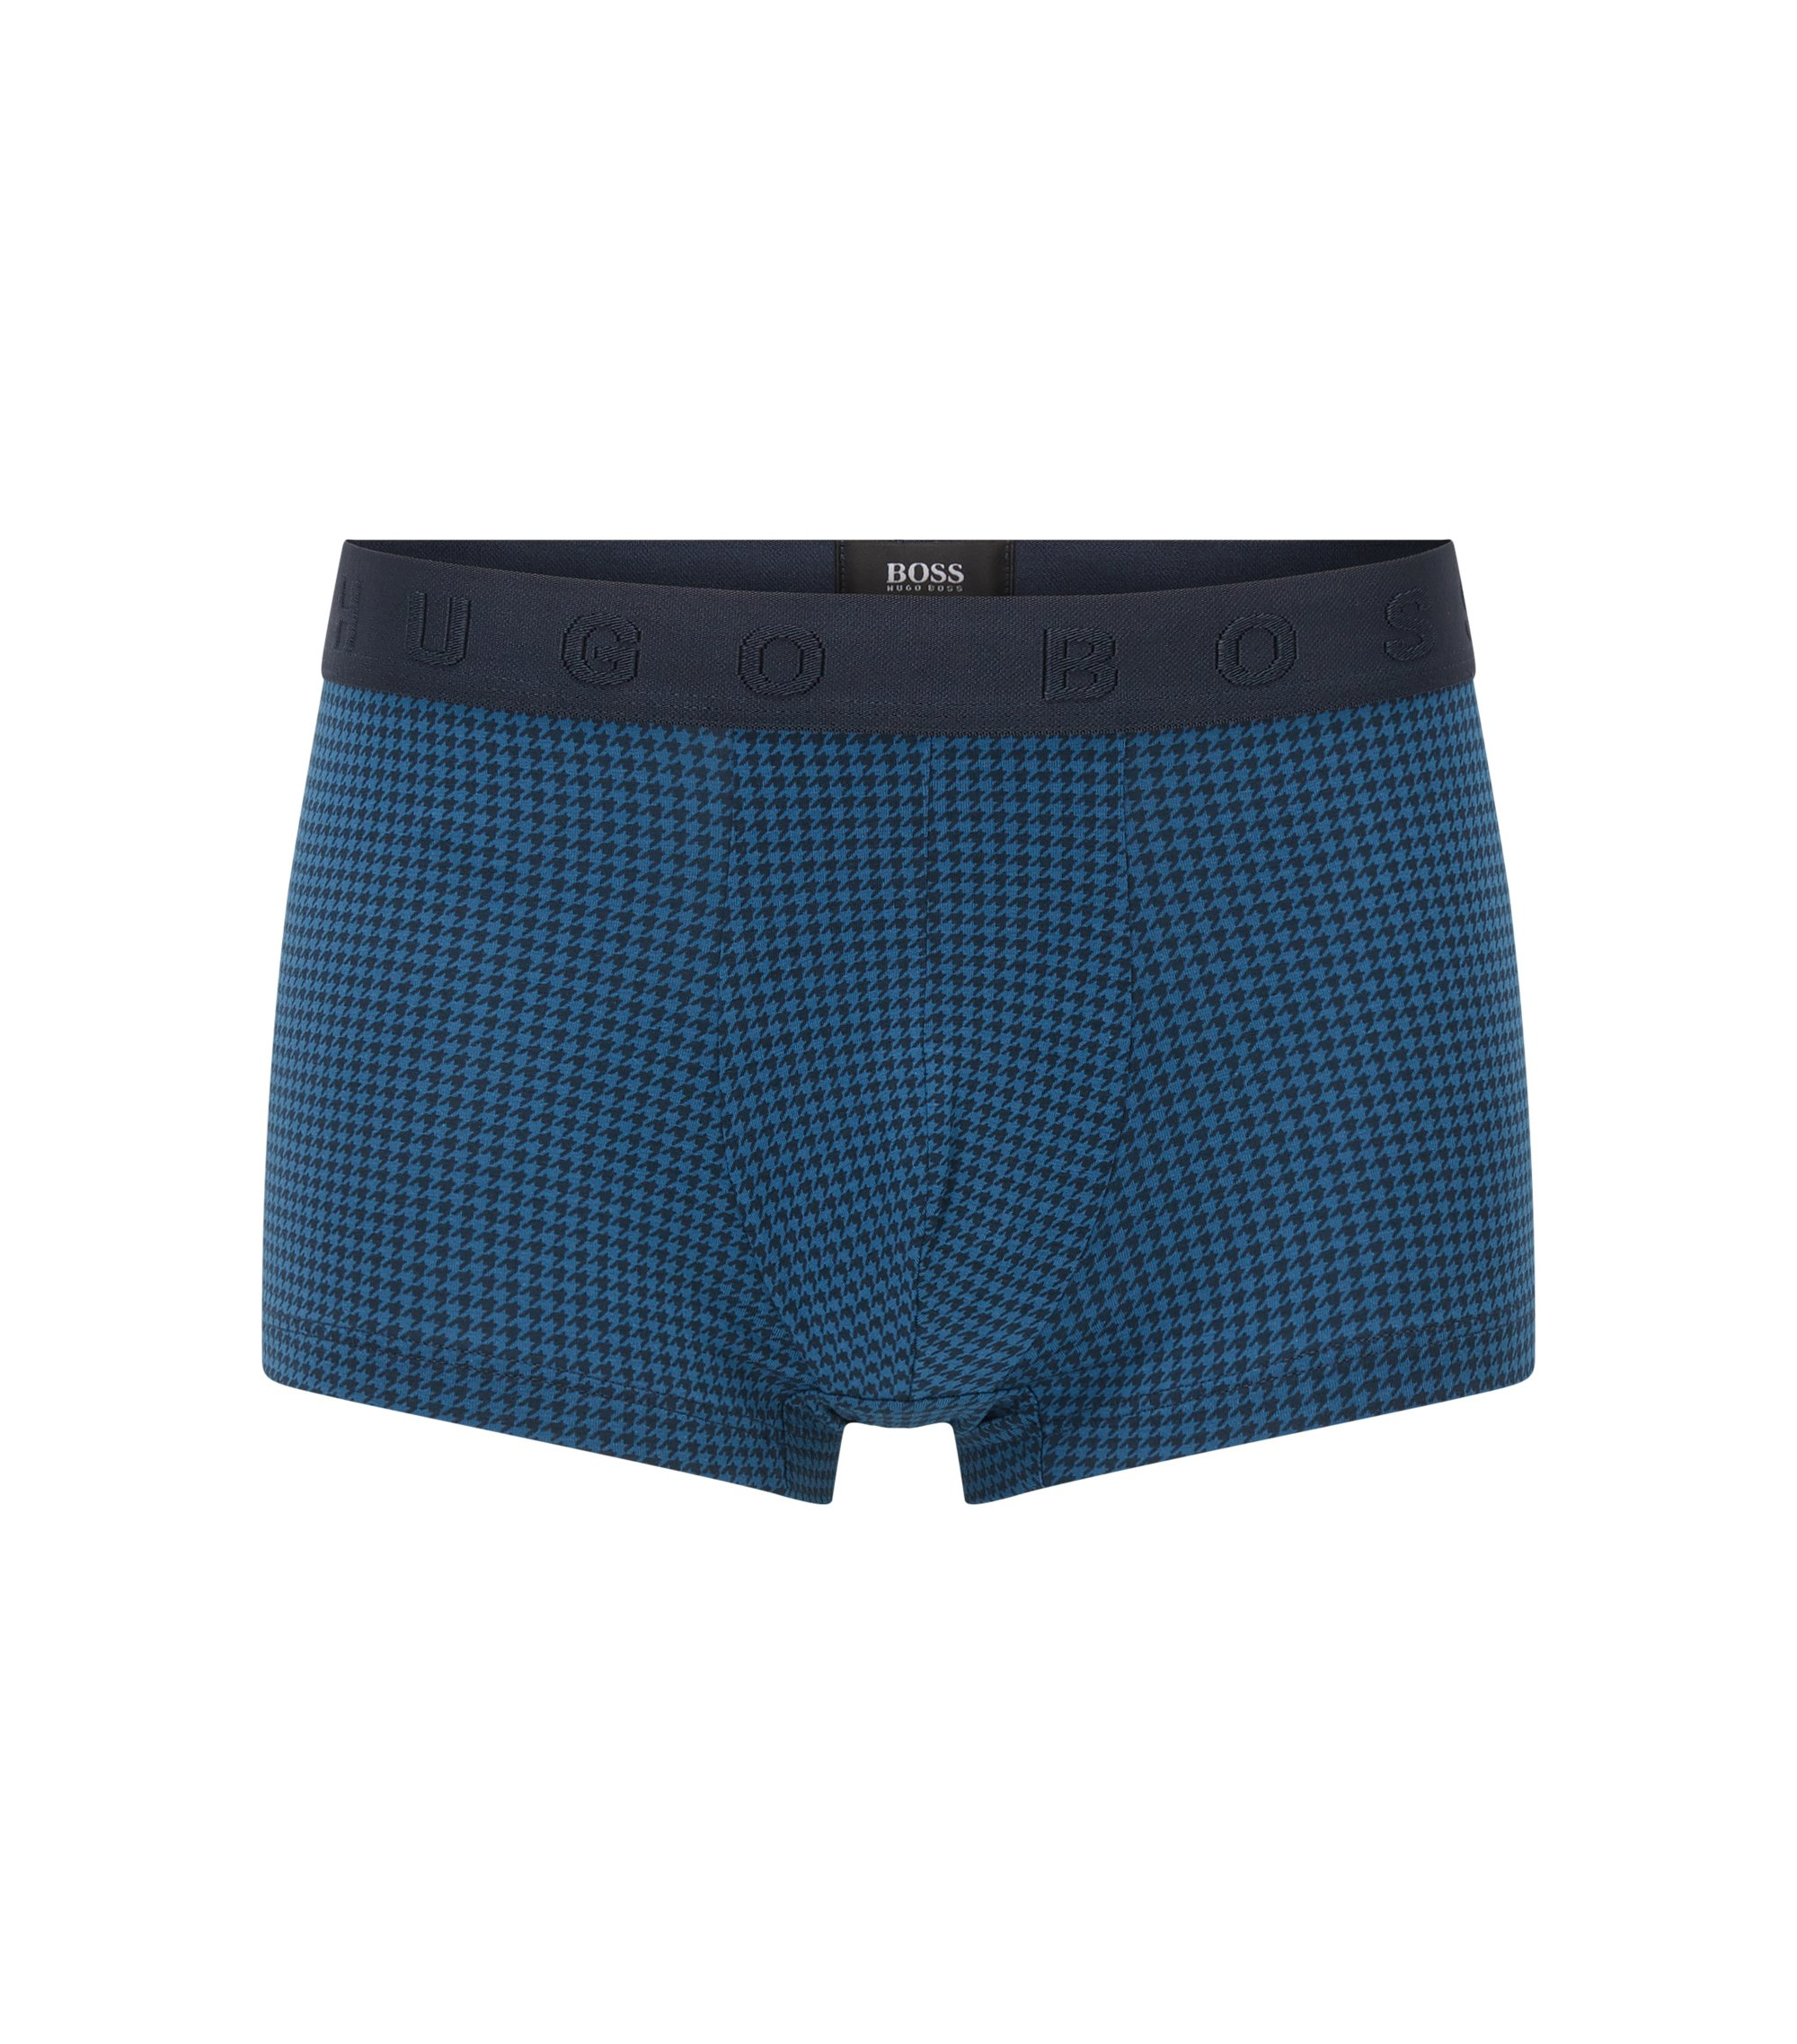 Calzoncillos estilizadores en tejido de punto sencillo, Azul oscuro